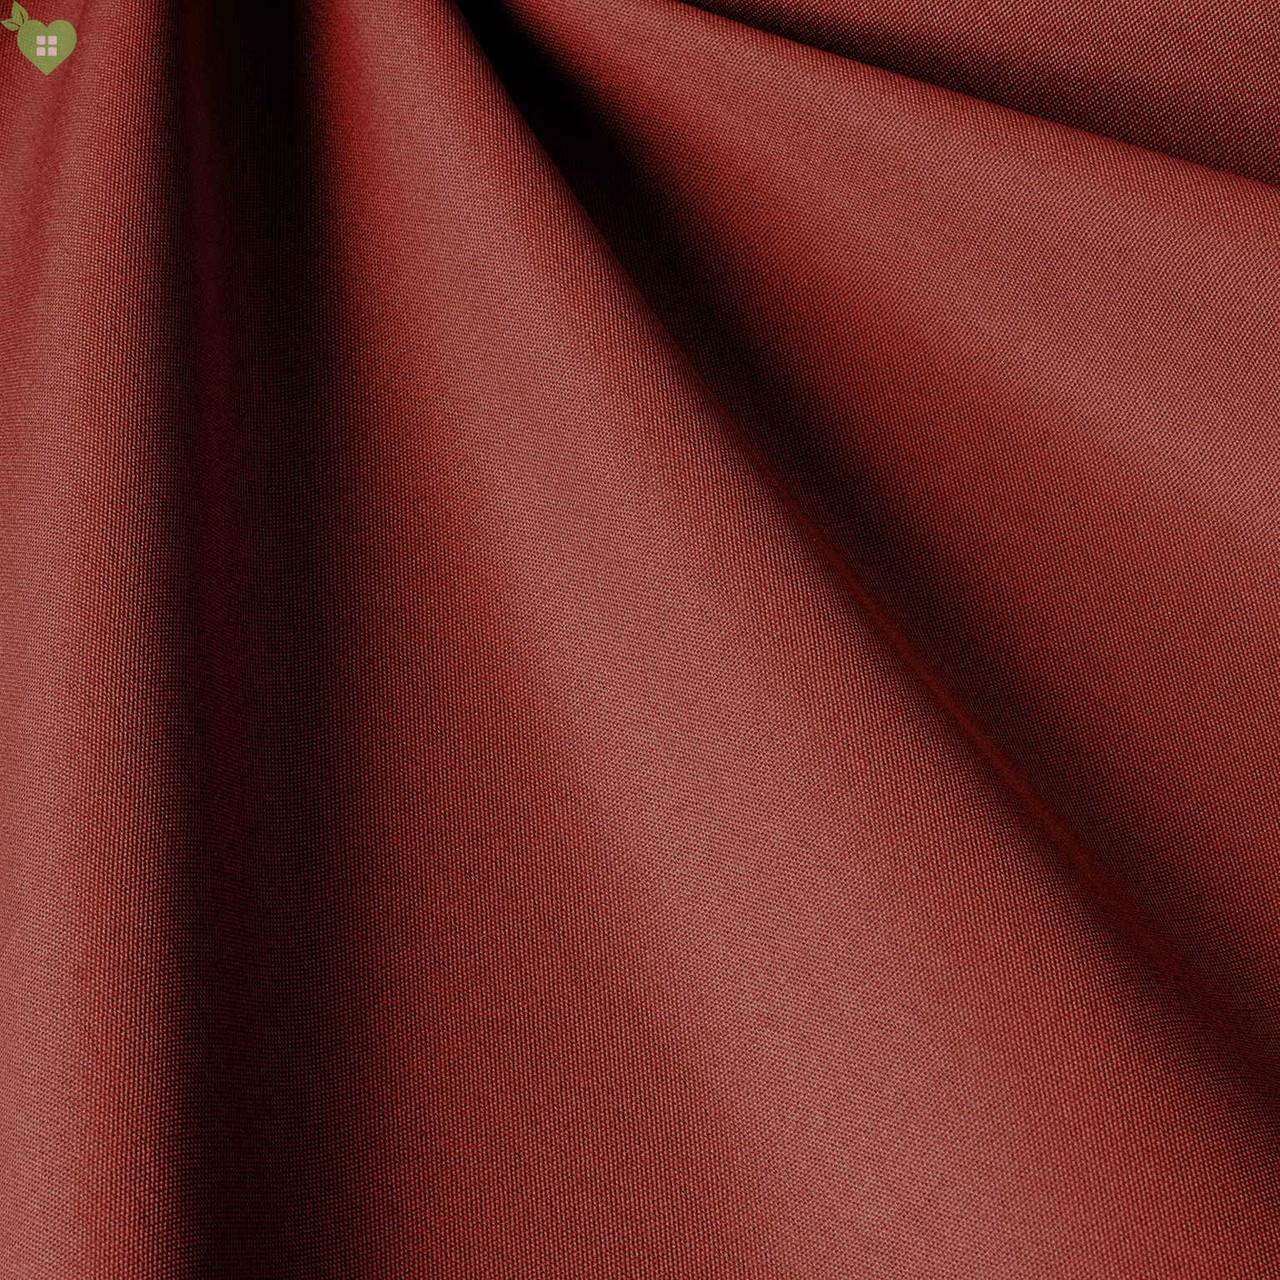 Однотонная уличная ткань пурпурно-красного цвета Испания 83373v1